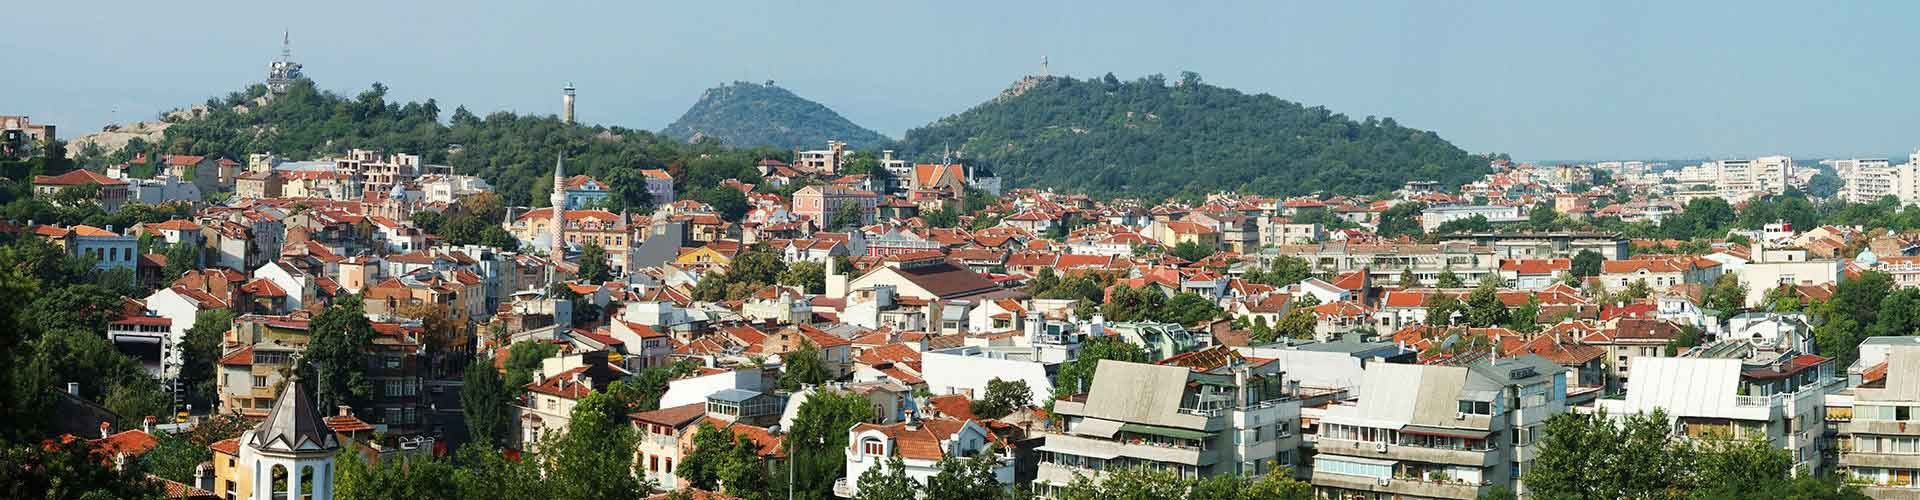 Plovdiv - Habitaciones en el distrito Rayon Centralen. Mapas de Plovdiv, Fotos y Comentarios para cada habitación en Plovdiv.